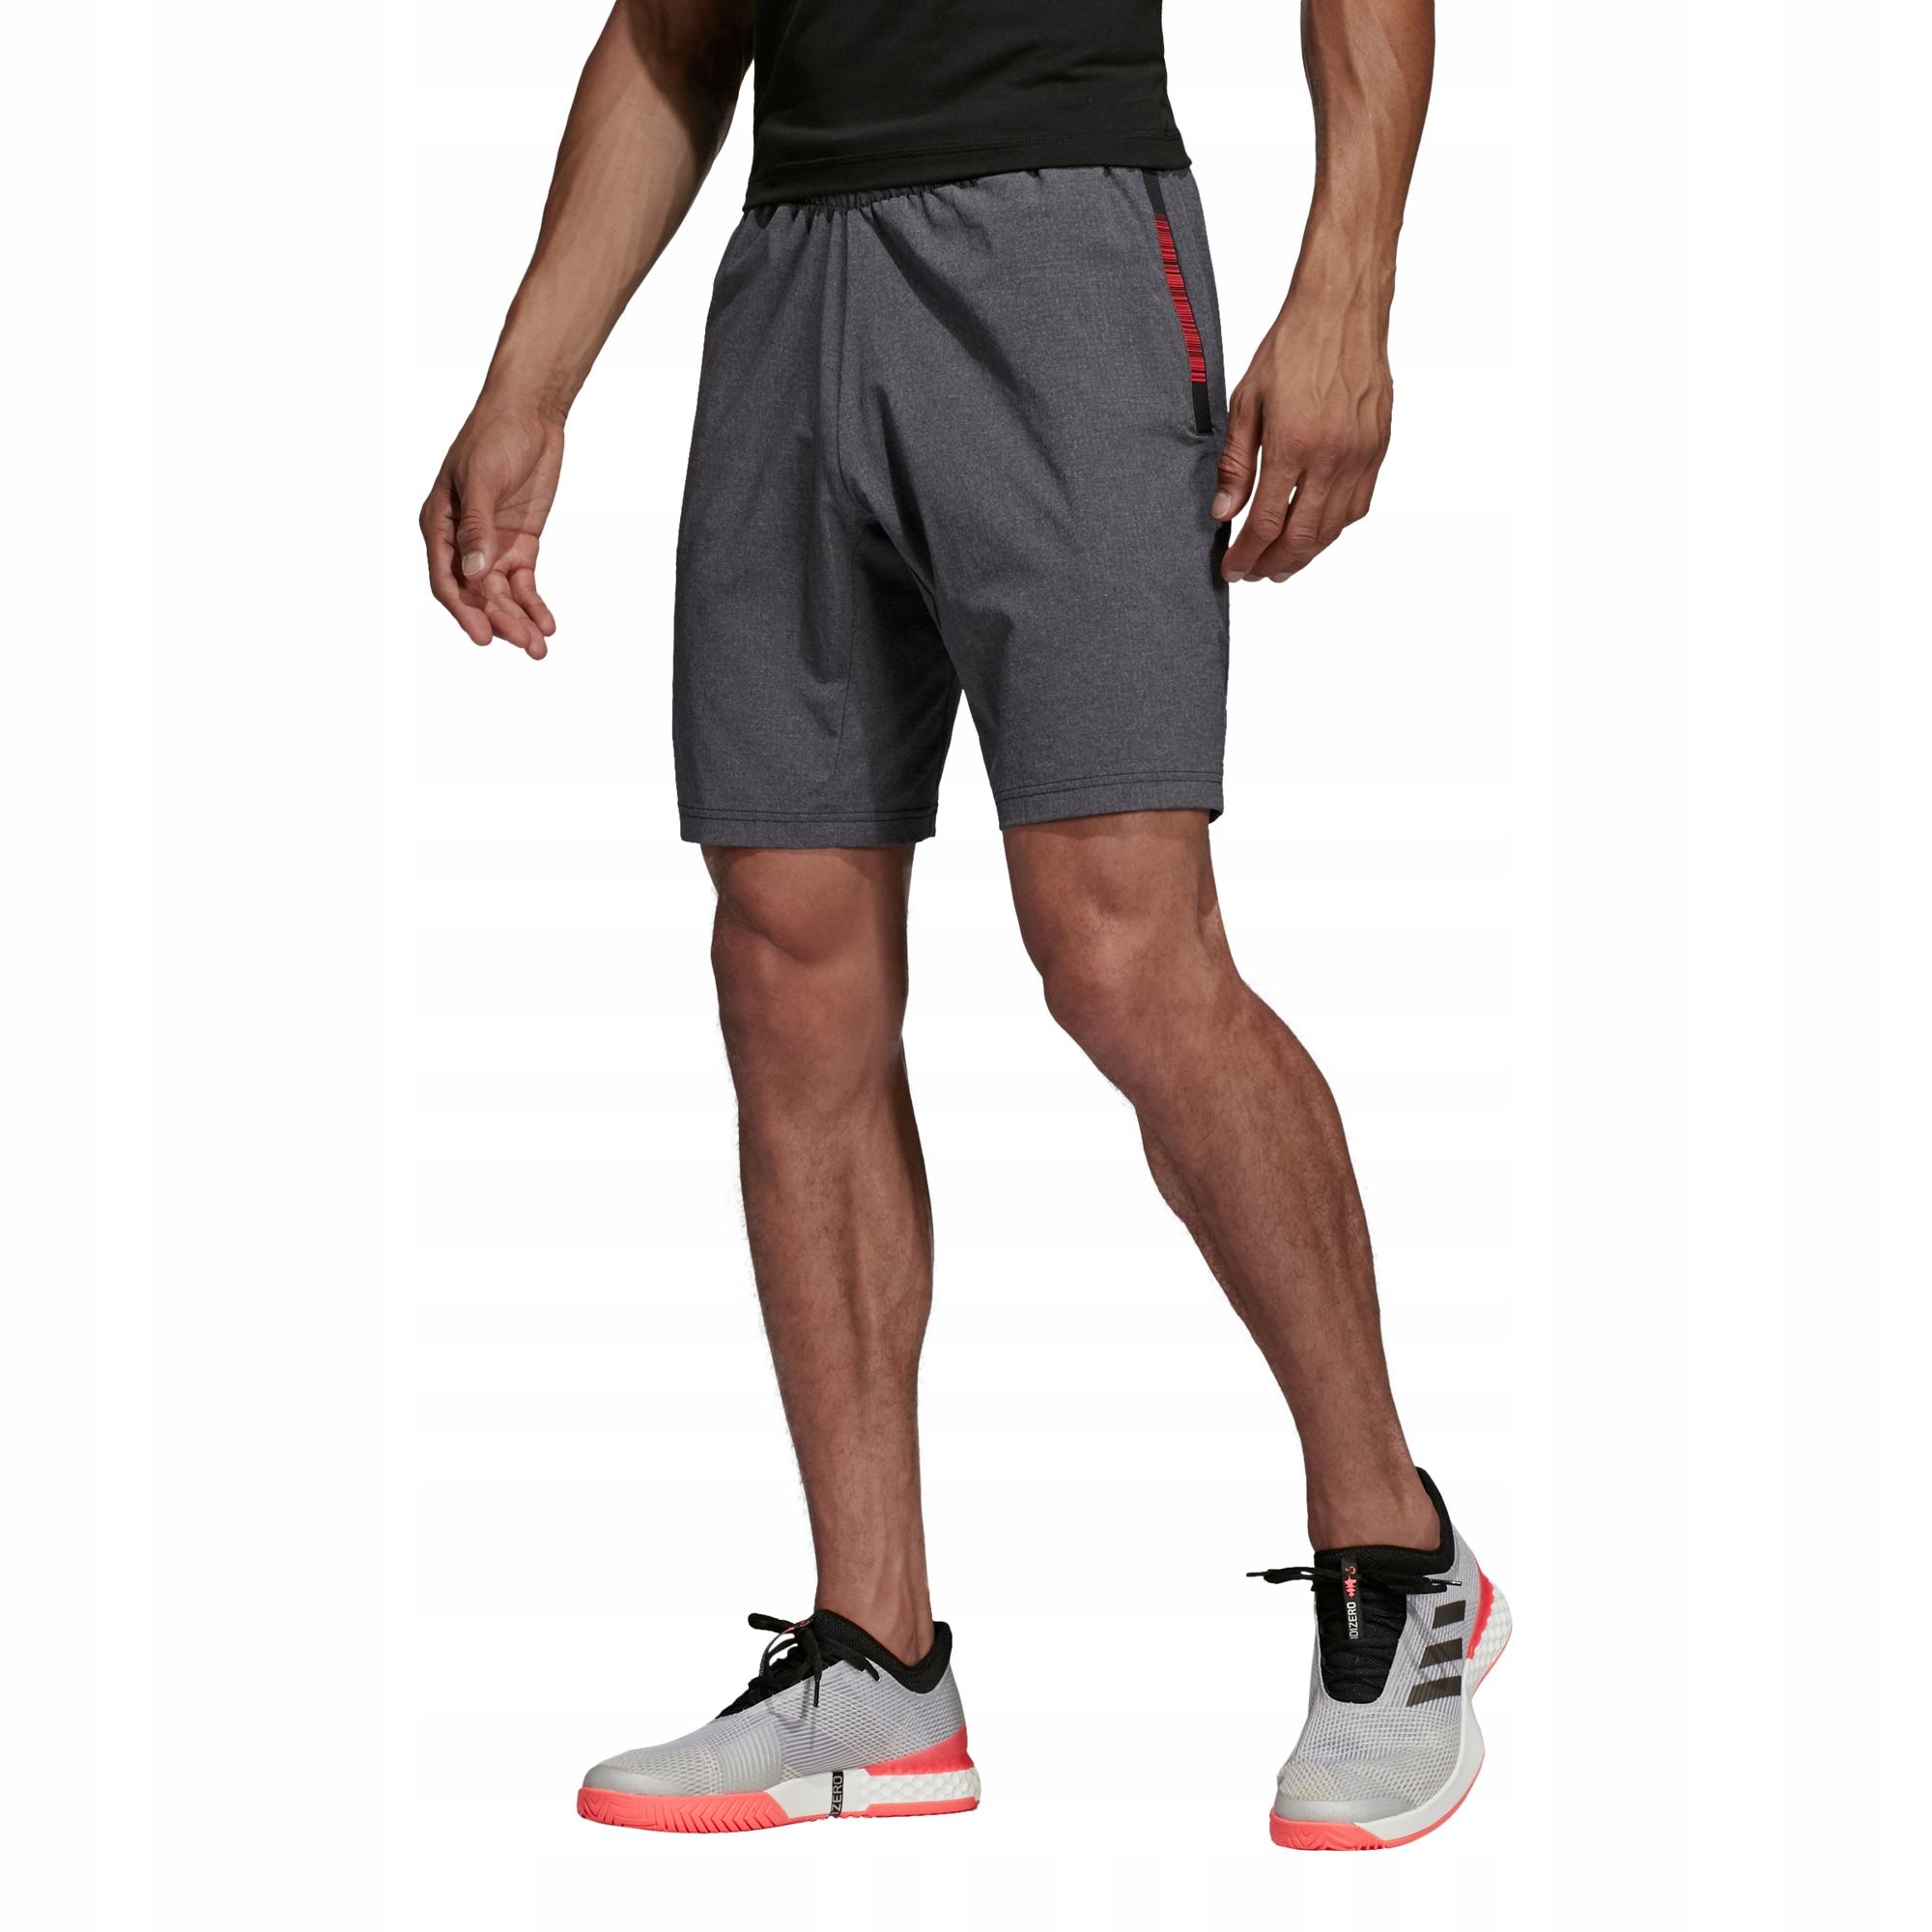 szorty spodenki męskie adidas r S DT4412 tenis